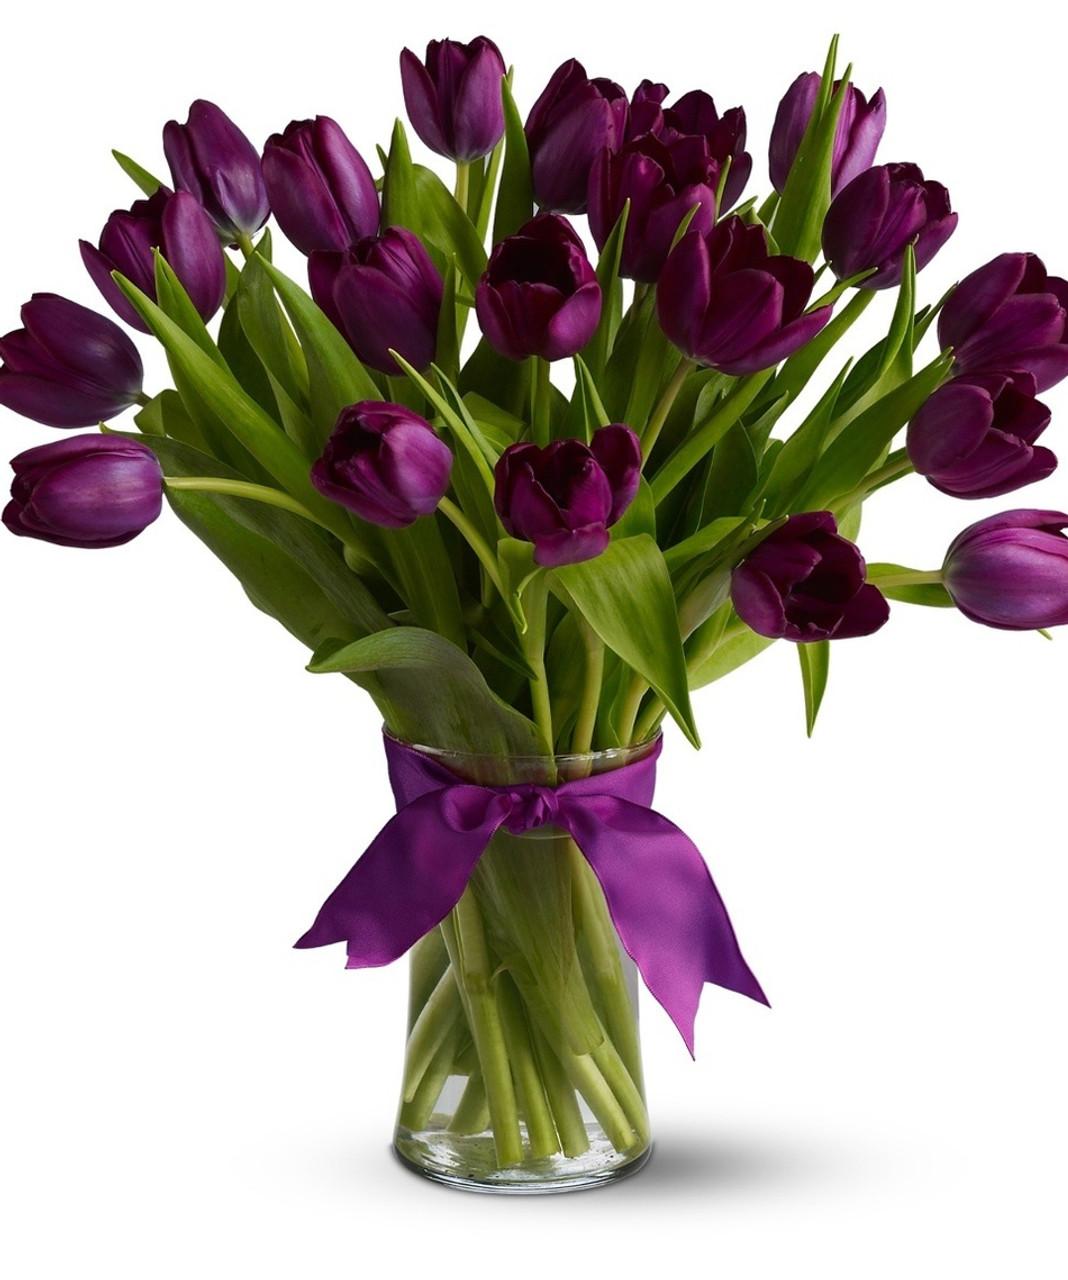 20 Violet Tulips Bouquet